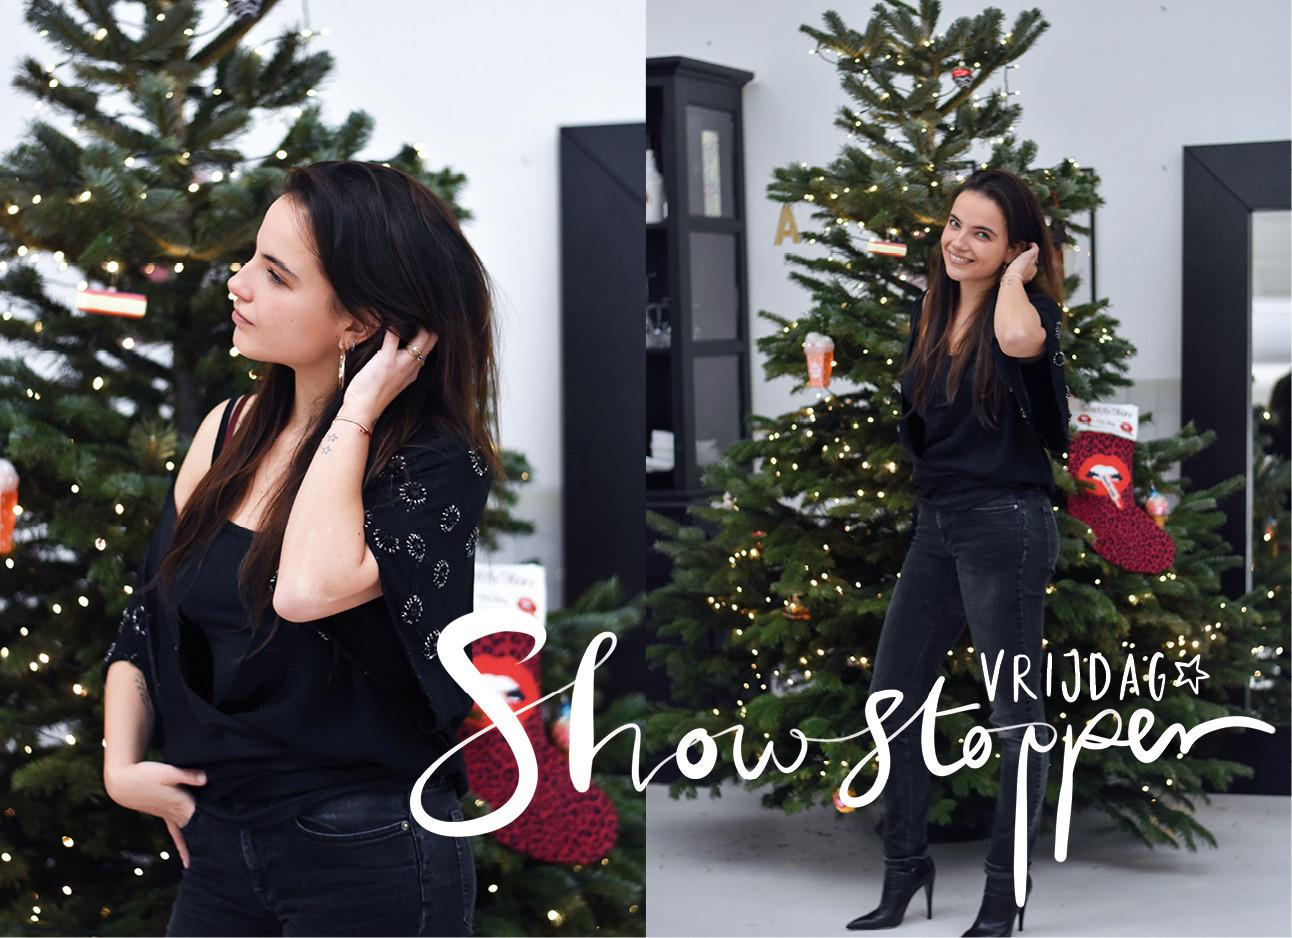 tess hoens die in een zwarte outfit voor een groene kerstboom staat